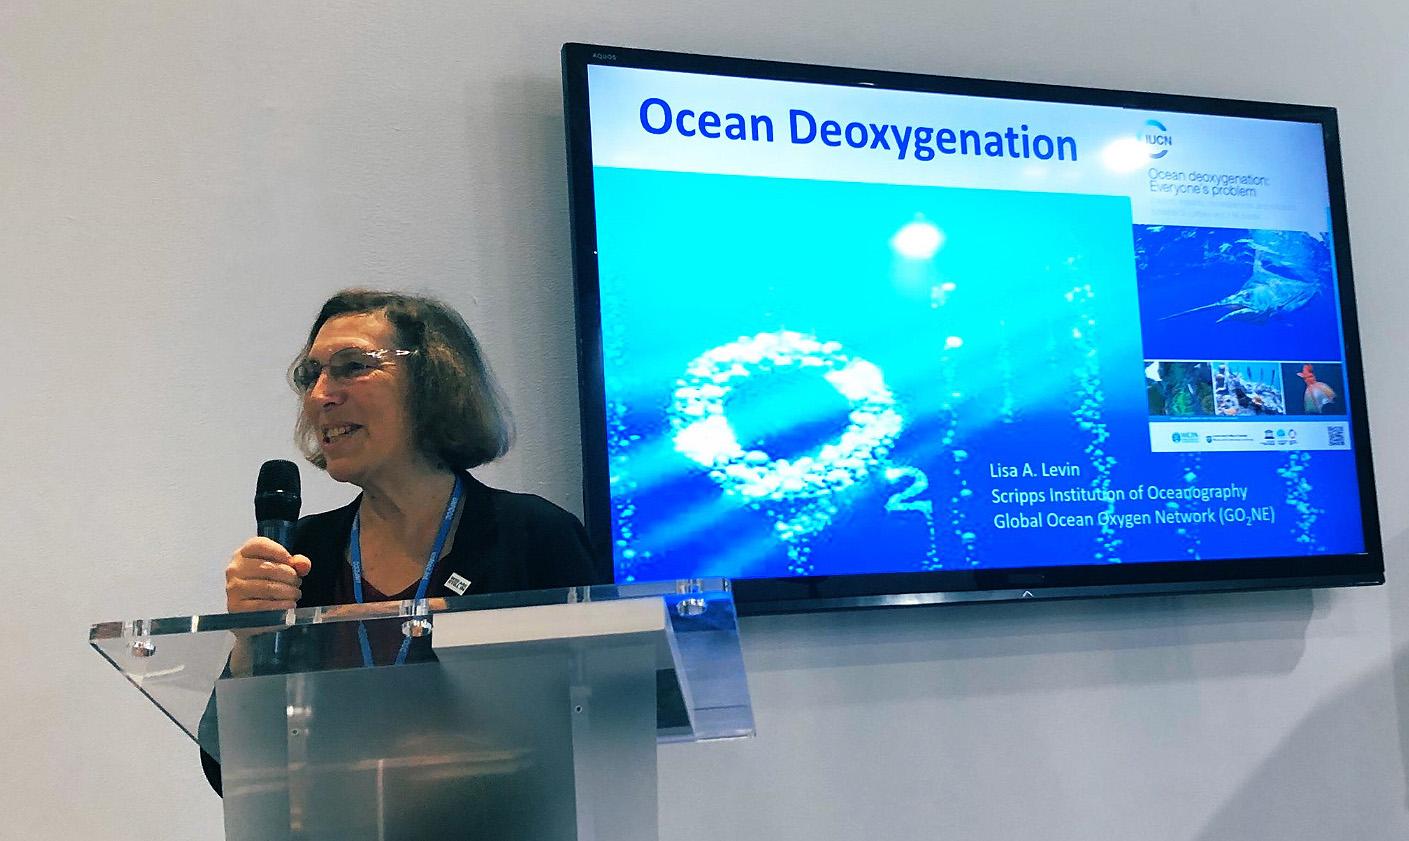 La desoxigenación de los océanos es como la pérdida de hábitat, ya que el oxígeno afecta a los ecosistemas marinos y cada uno de sus plantas y animales, dijo Lisa Levin en la COP25. / @UCatCOP